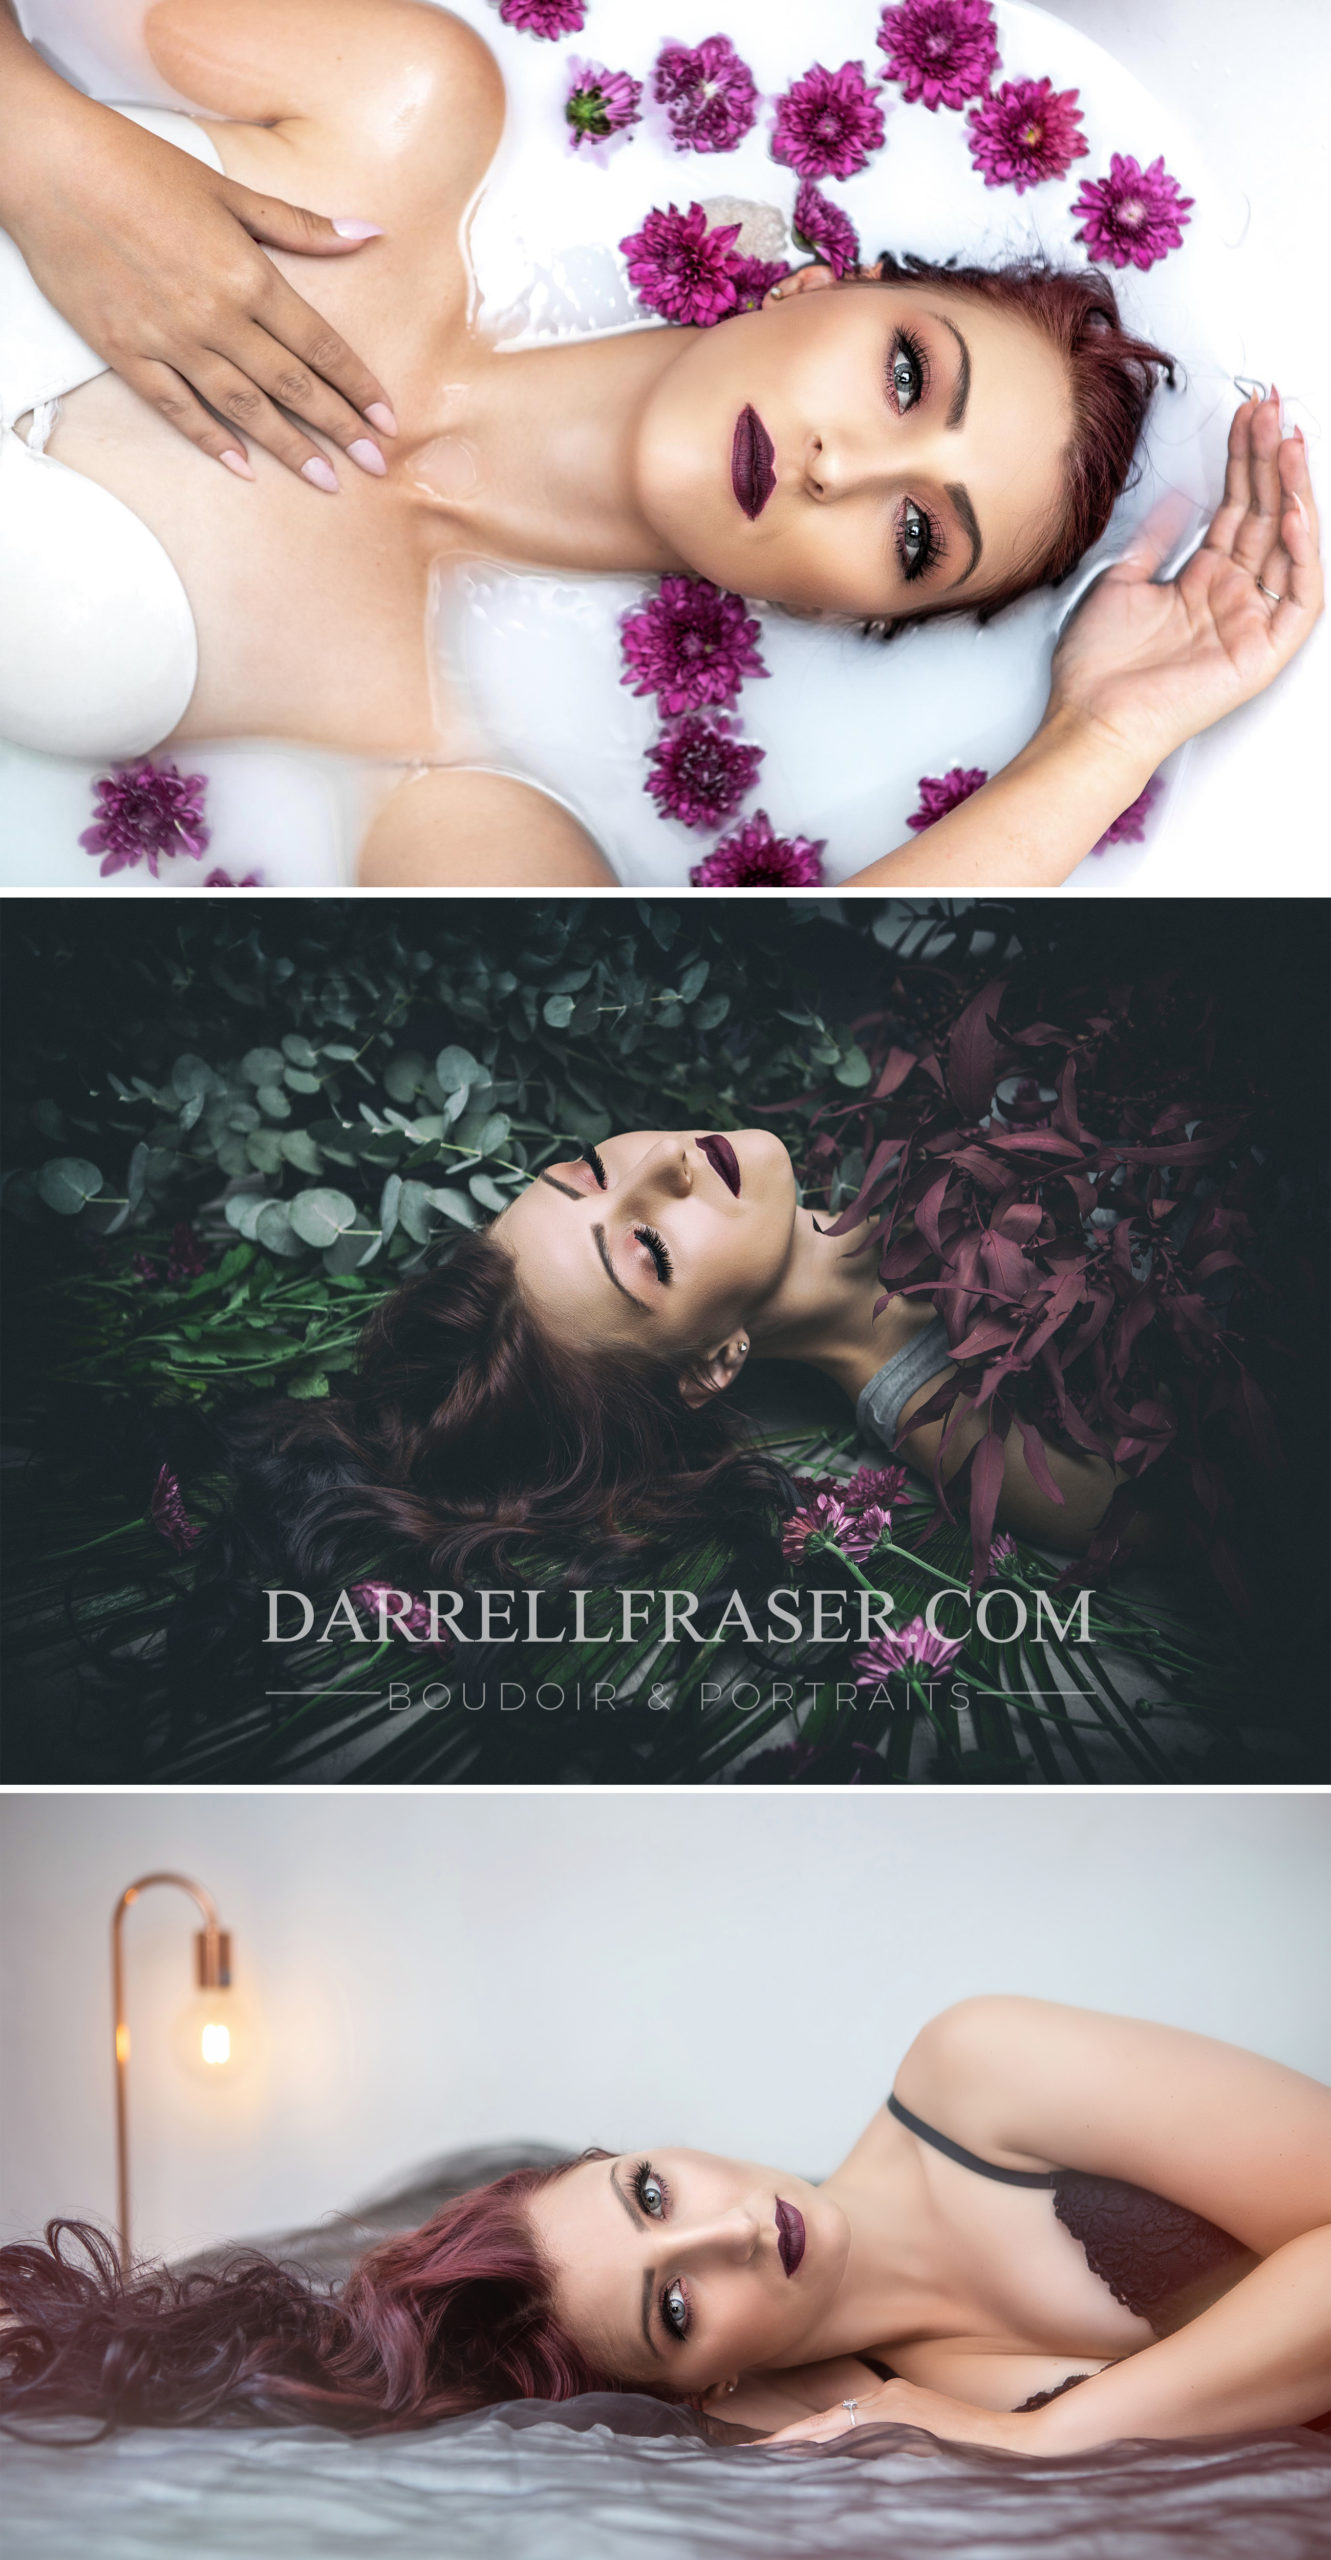 Darrell Fraser Pretoria Boudoir and Portrait Photographer